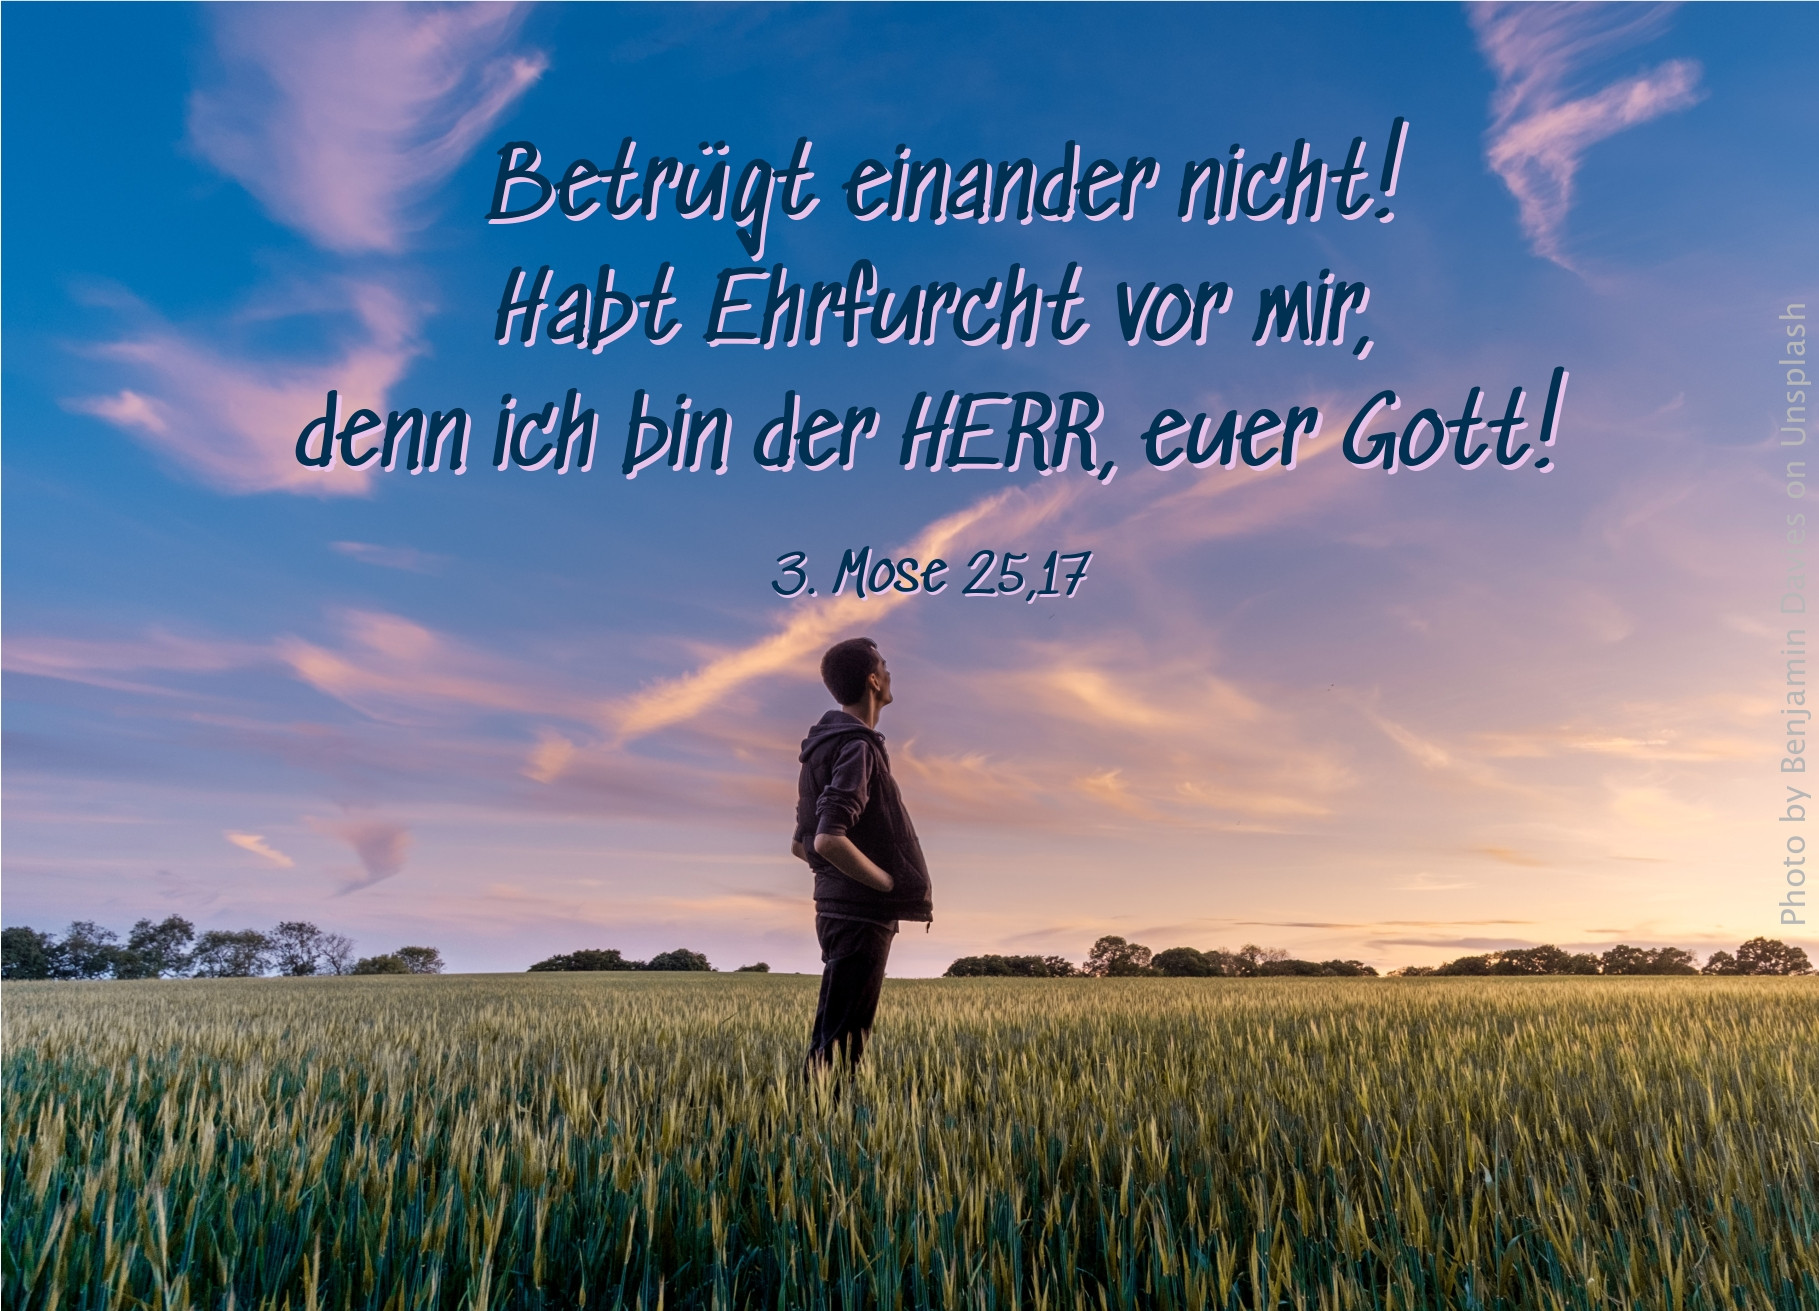 """alt=""""mann_steht_in_feld_mit_blick_zum_himmel_erwartet_bibelhoerbuch_sabbat-und_erlassjahr"""""""